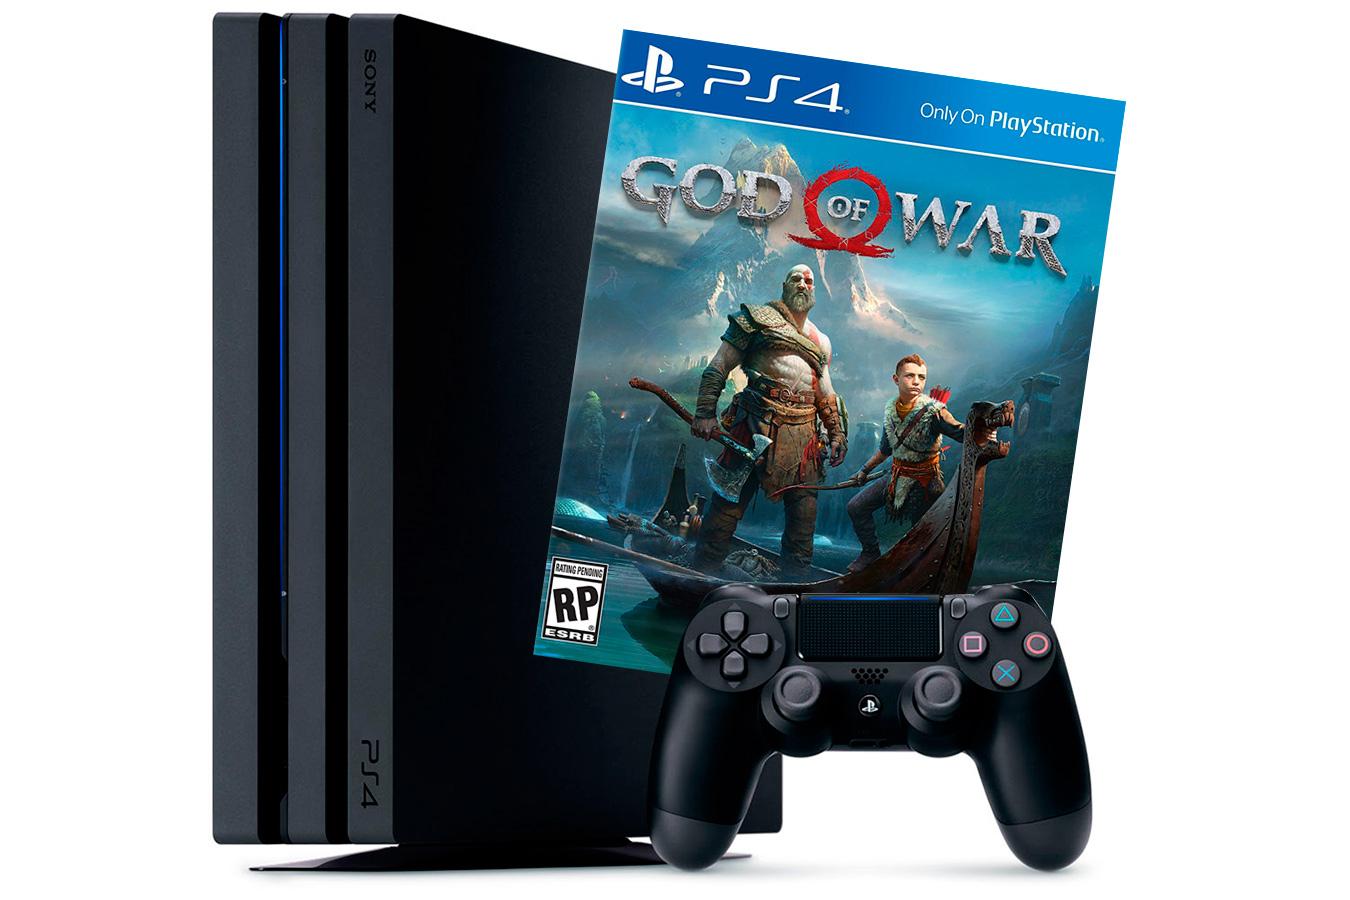 PlayStation 4 Pro игровая приставка с игрой God of War 2018 [PS4P1GW18]